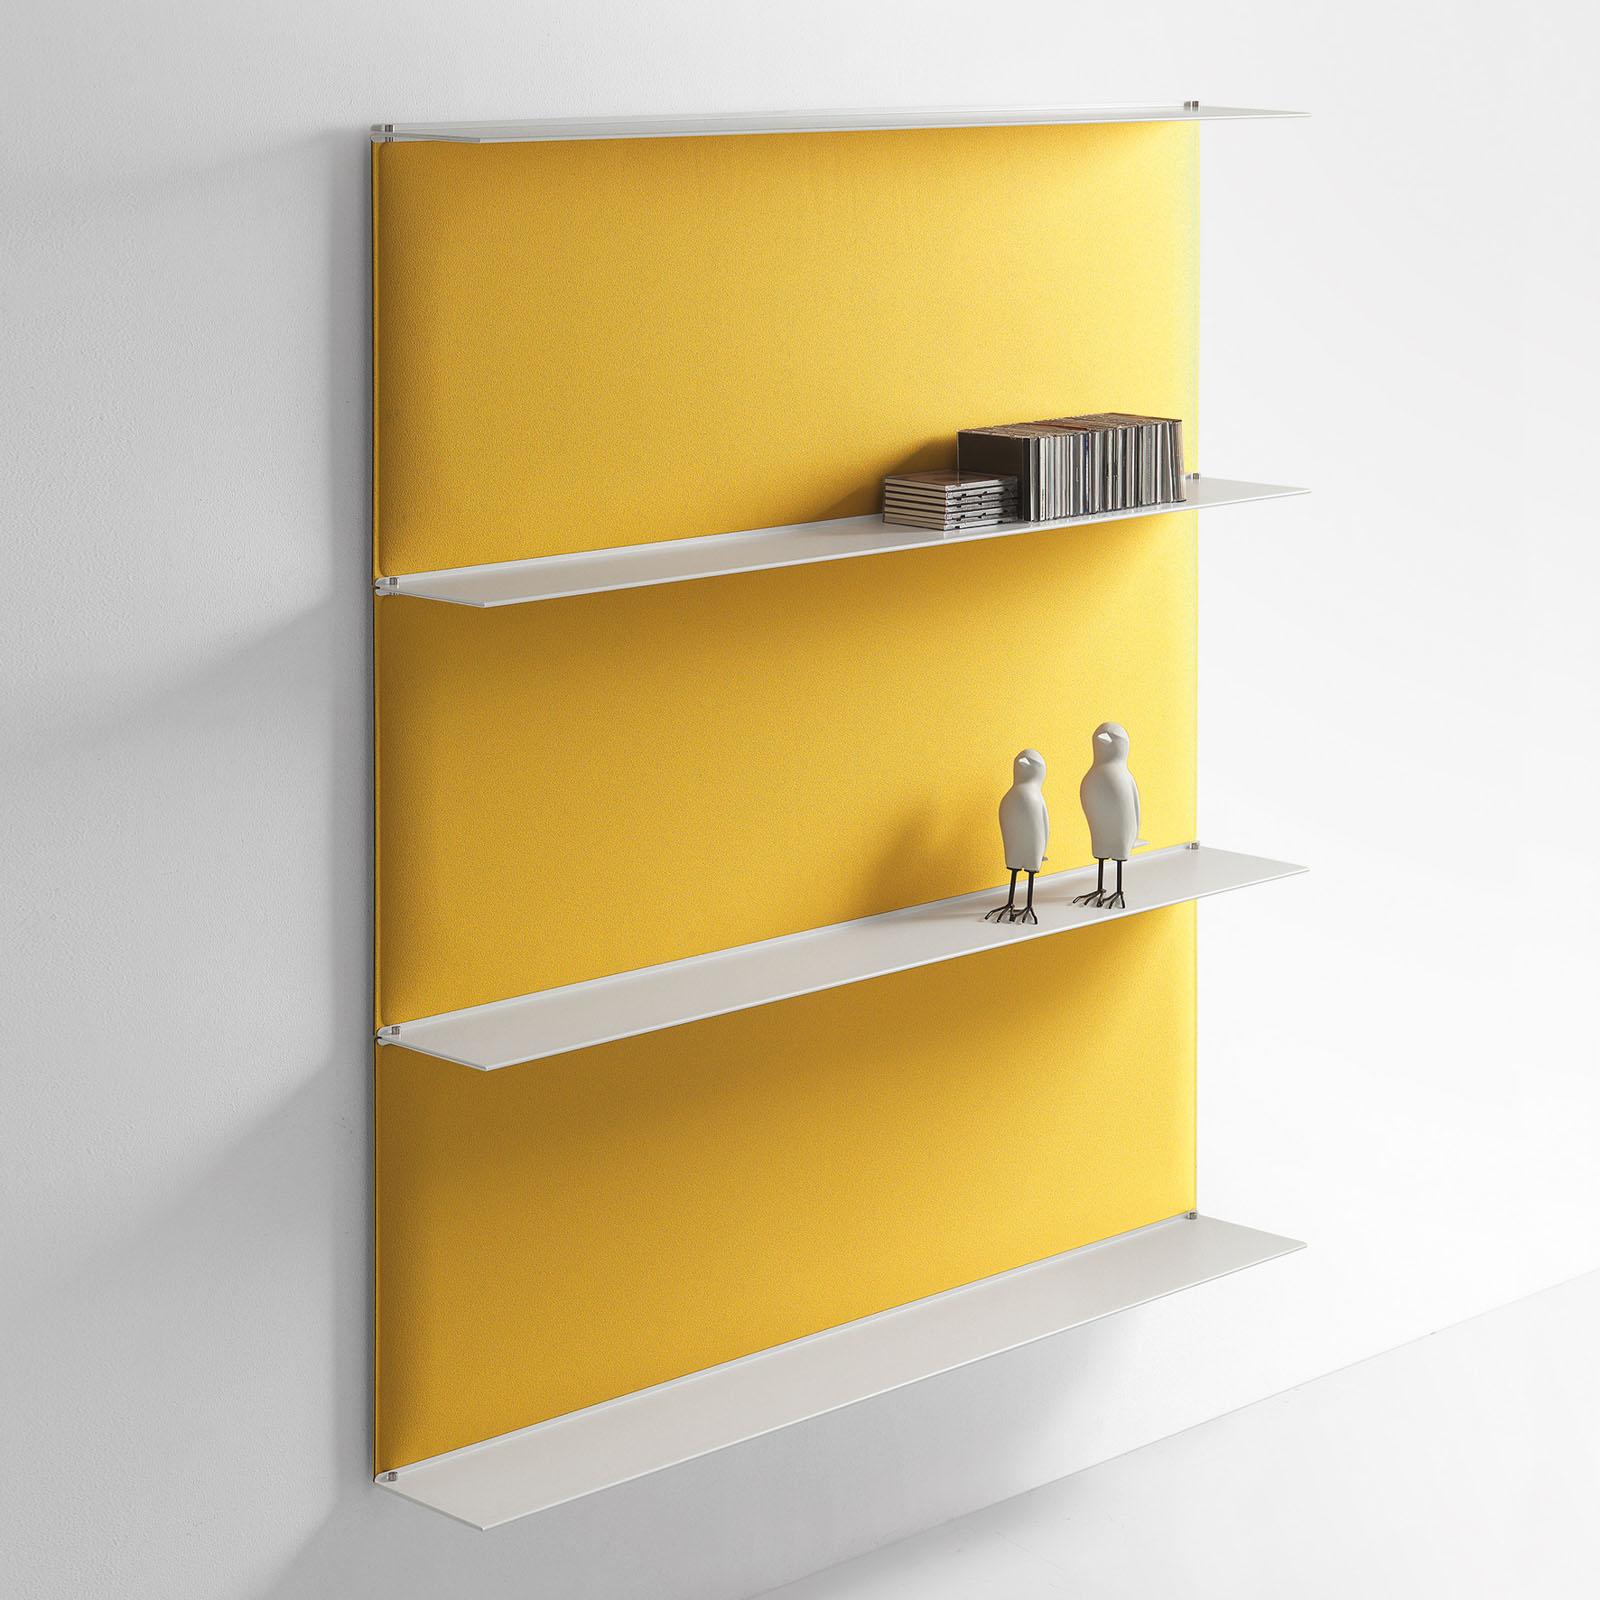 CAIMI Caimi Blade Wall - Gamme de panneaux acoustiques muraux type étagère